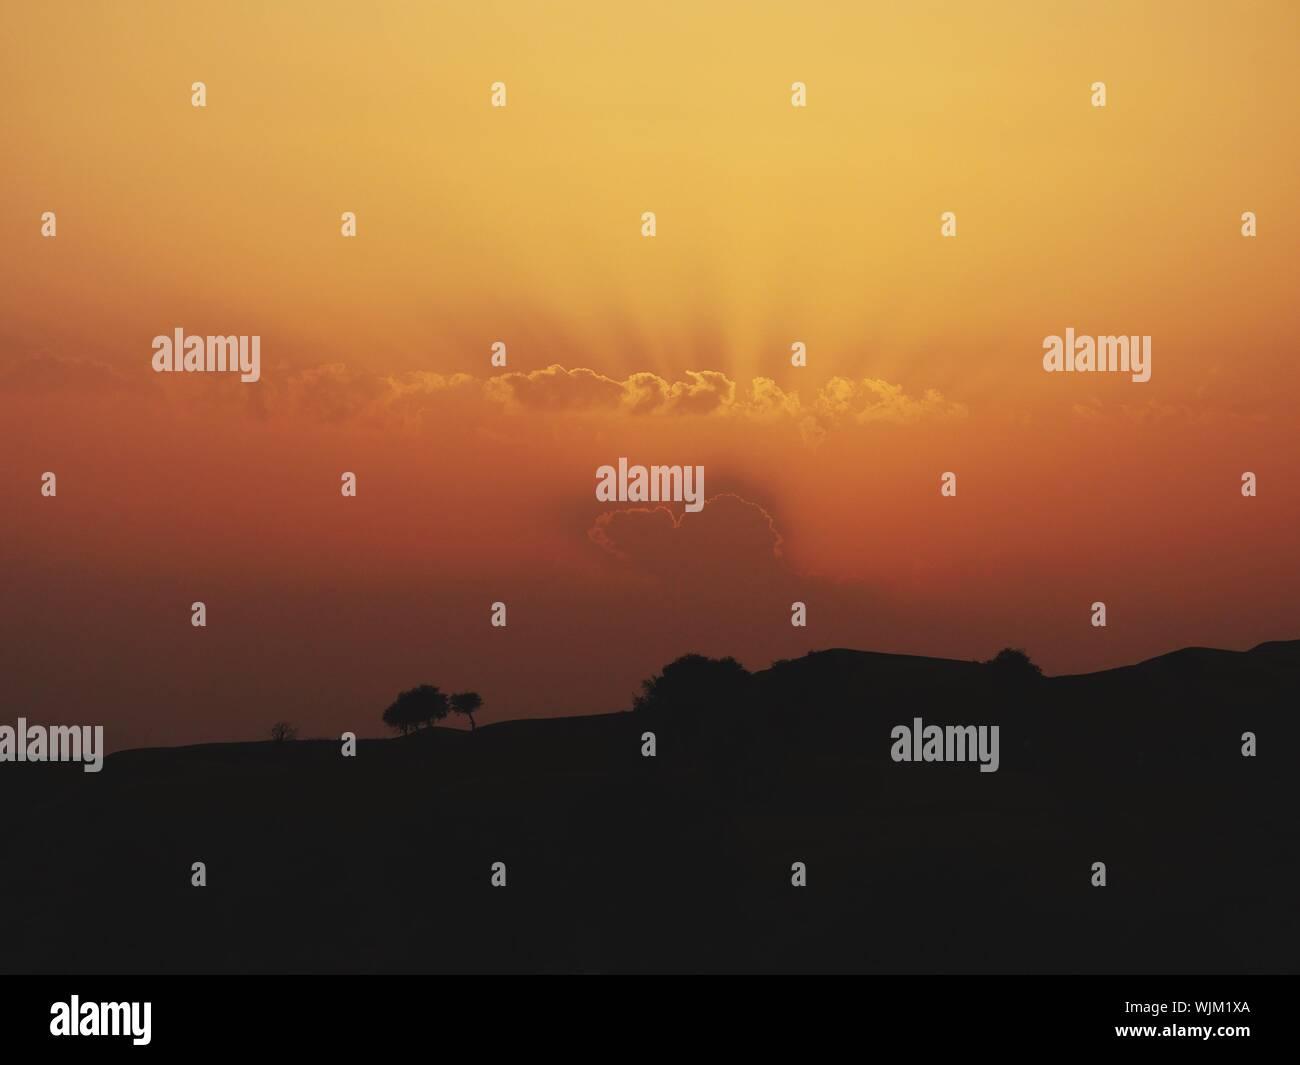 Vista panorámica del paisaje de silueta contra el cielo durante la puesta de sol Foto de stock